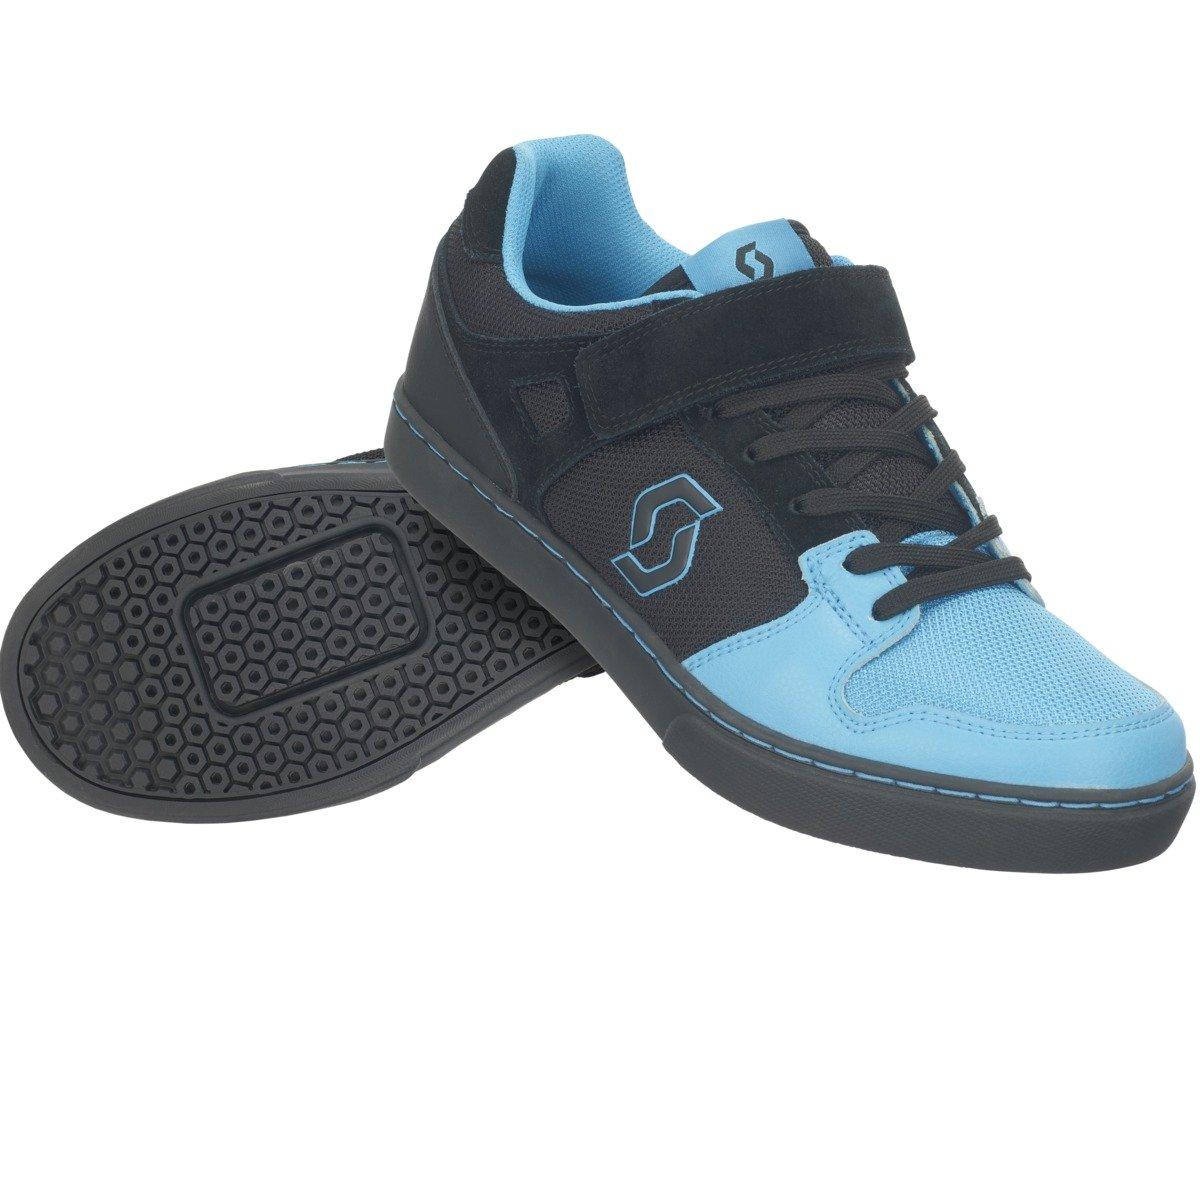 Zapatillas Scott FR 10 Clip Blue Talla 43: Amazon.es: Deportes y aire libre